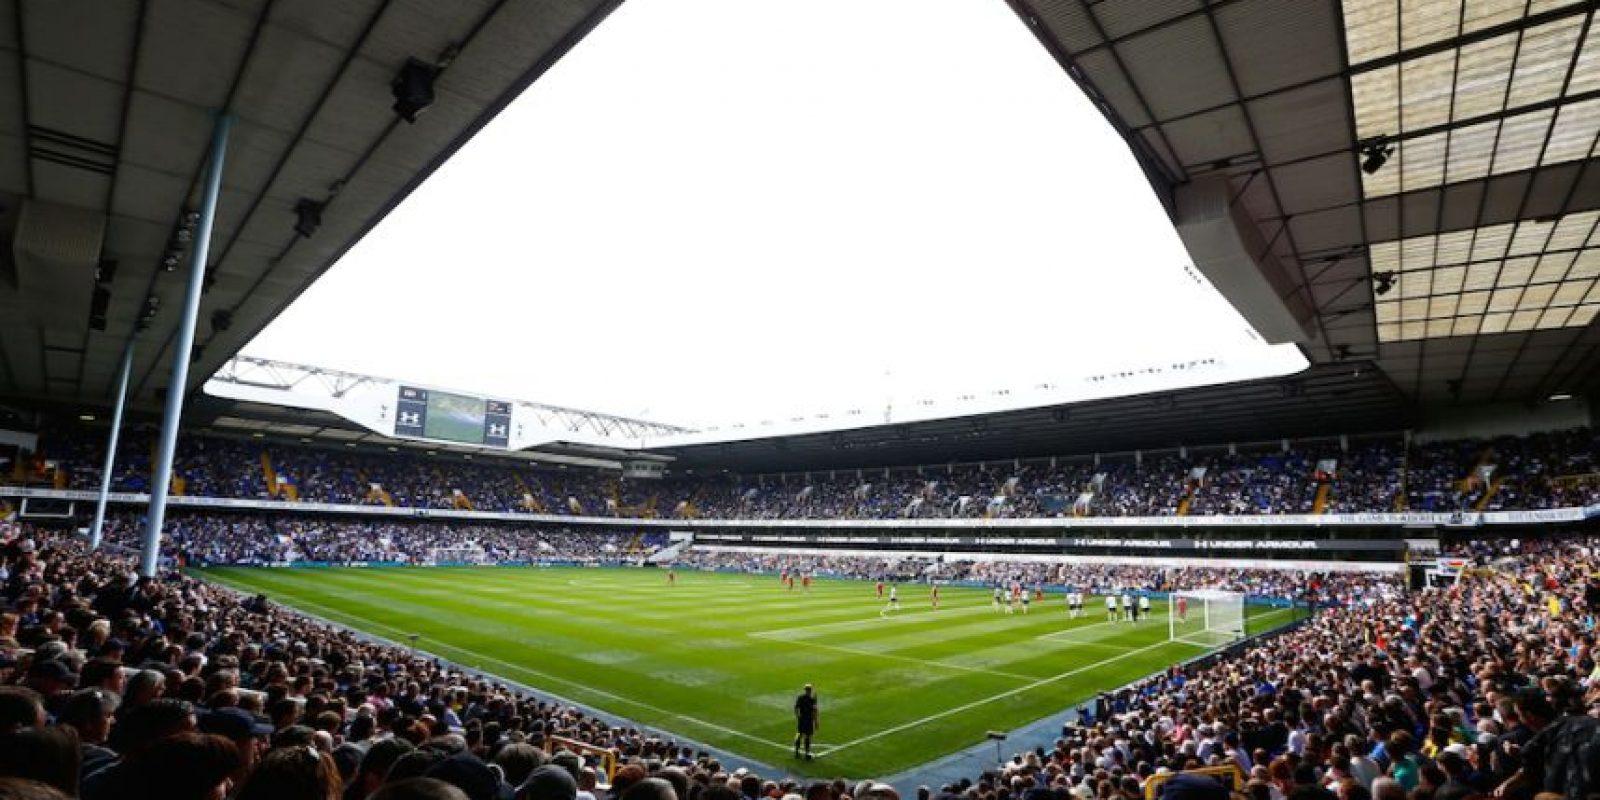 Fue el primer estadio de la Premier League inglesa en prohibirlos y los fans del Tottenham ya no los pueden llevar. Foto:Getty Images